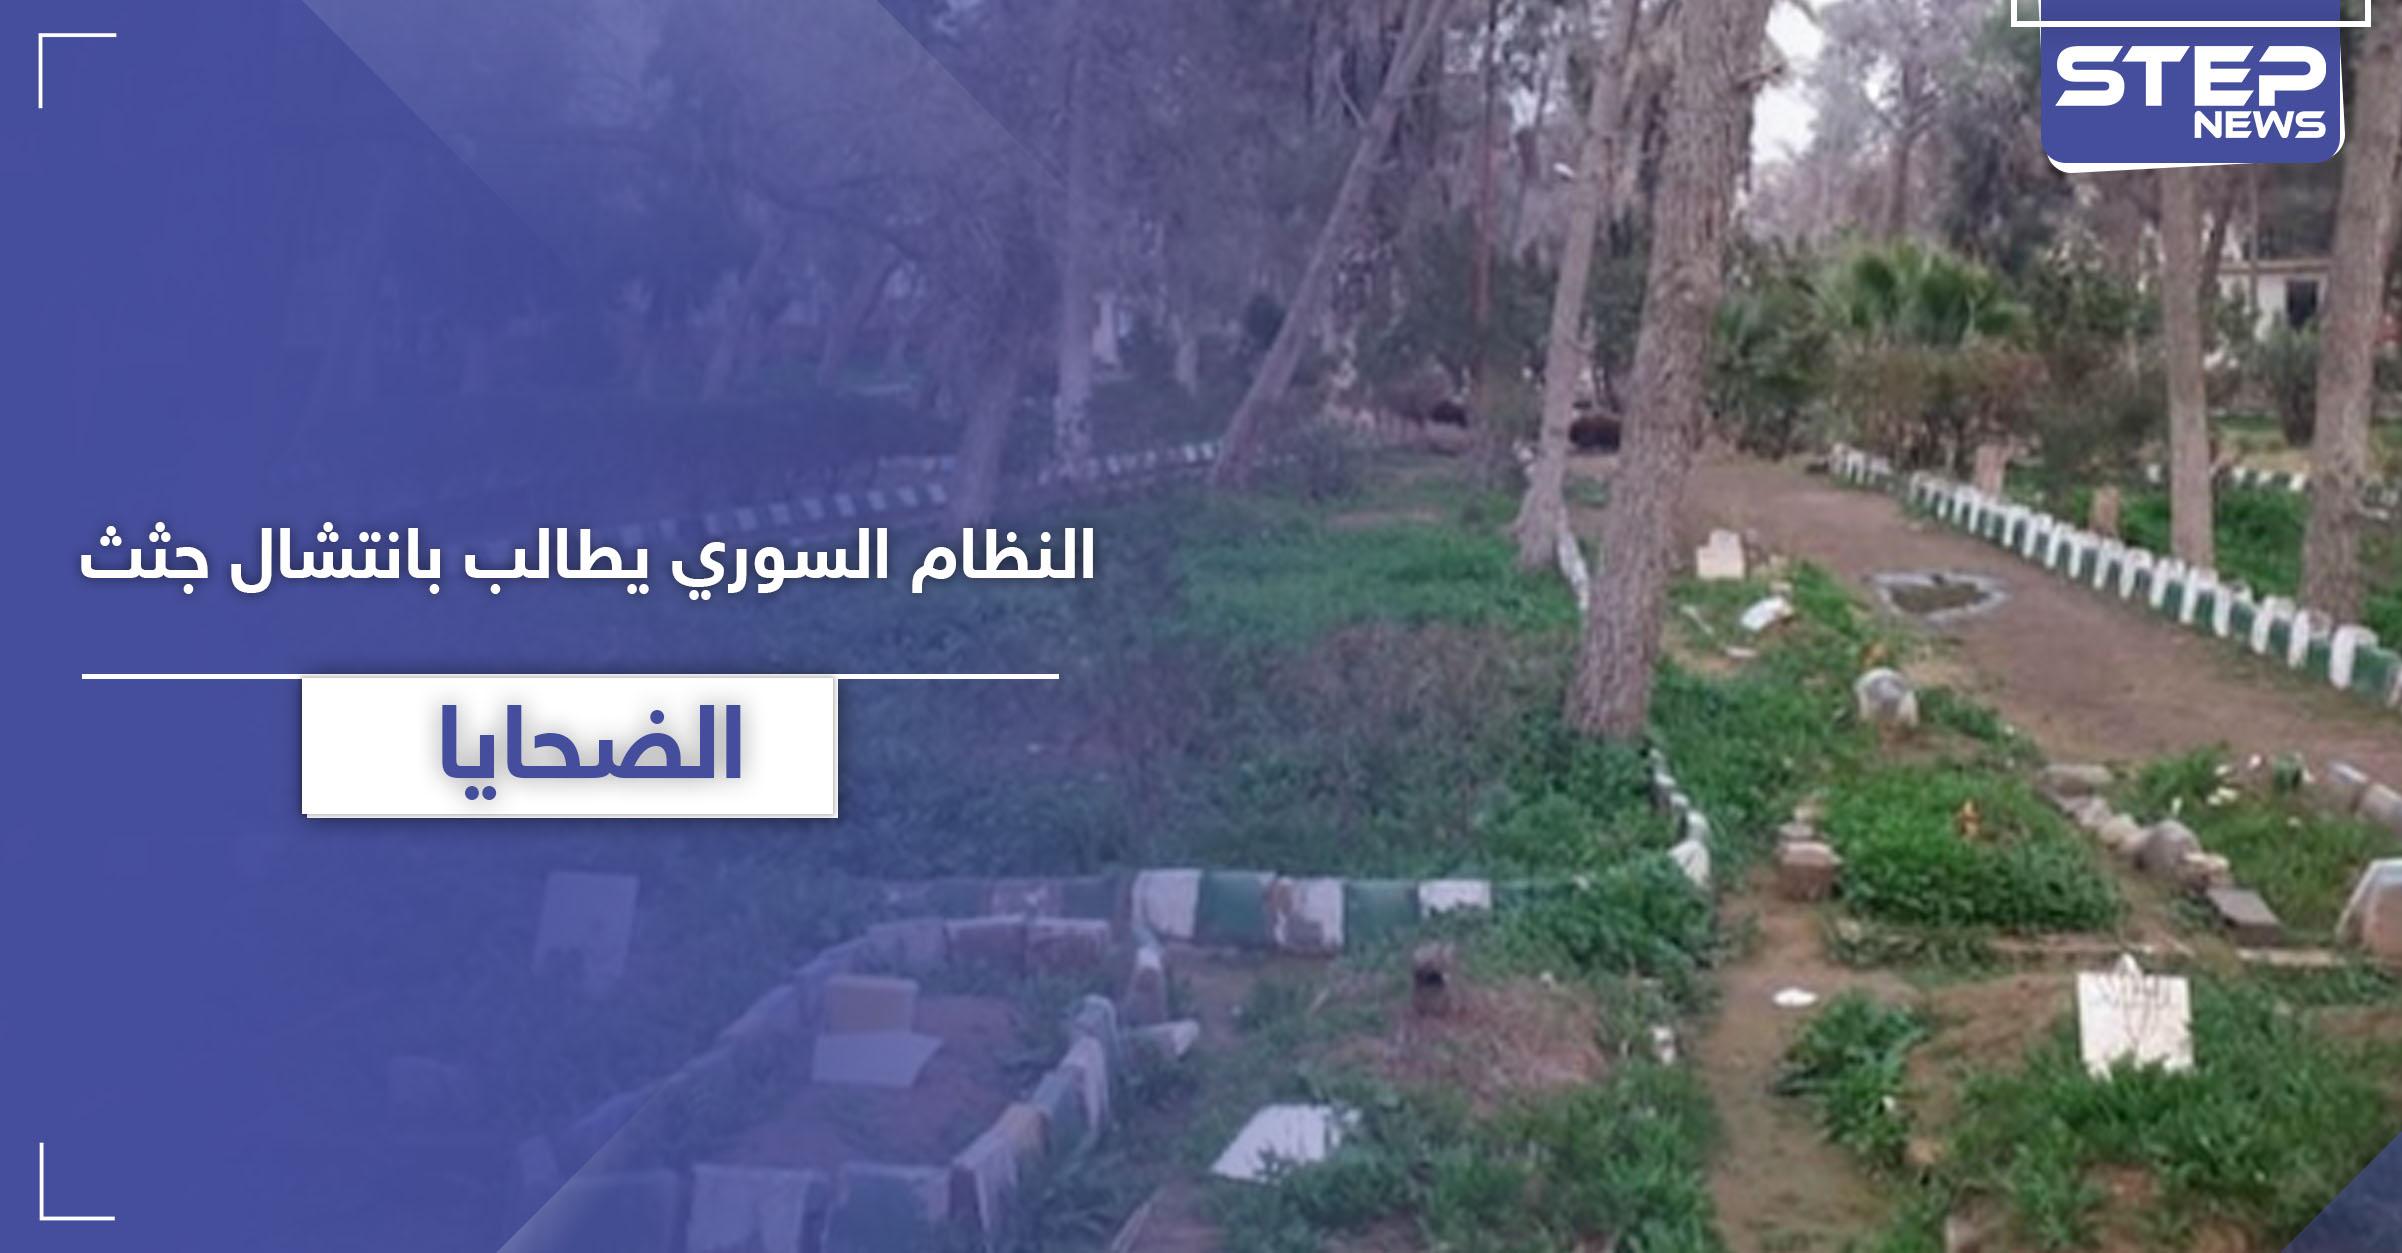 النظام السوري يصدر قراراً بانتشال جثث الضحايا من حدائق دير الزور